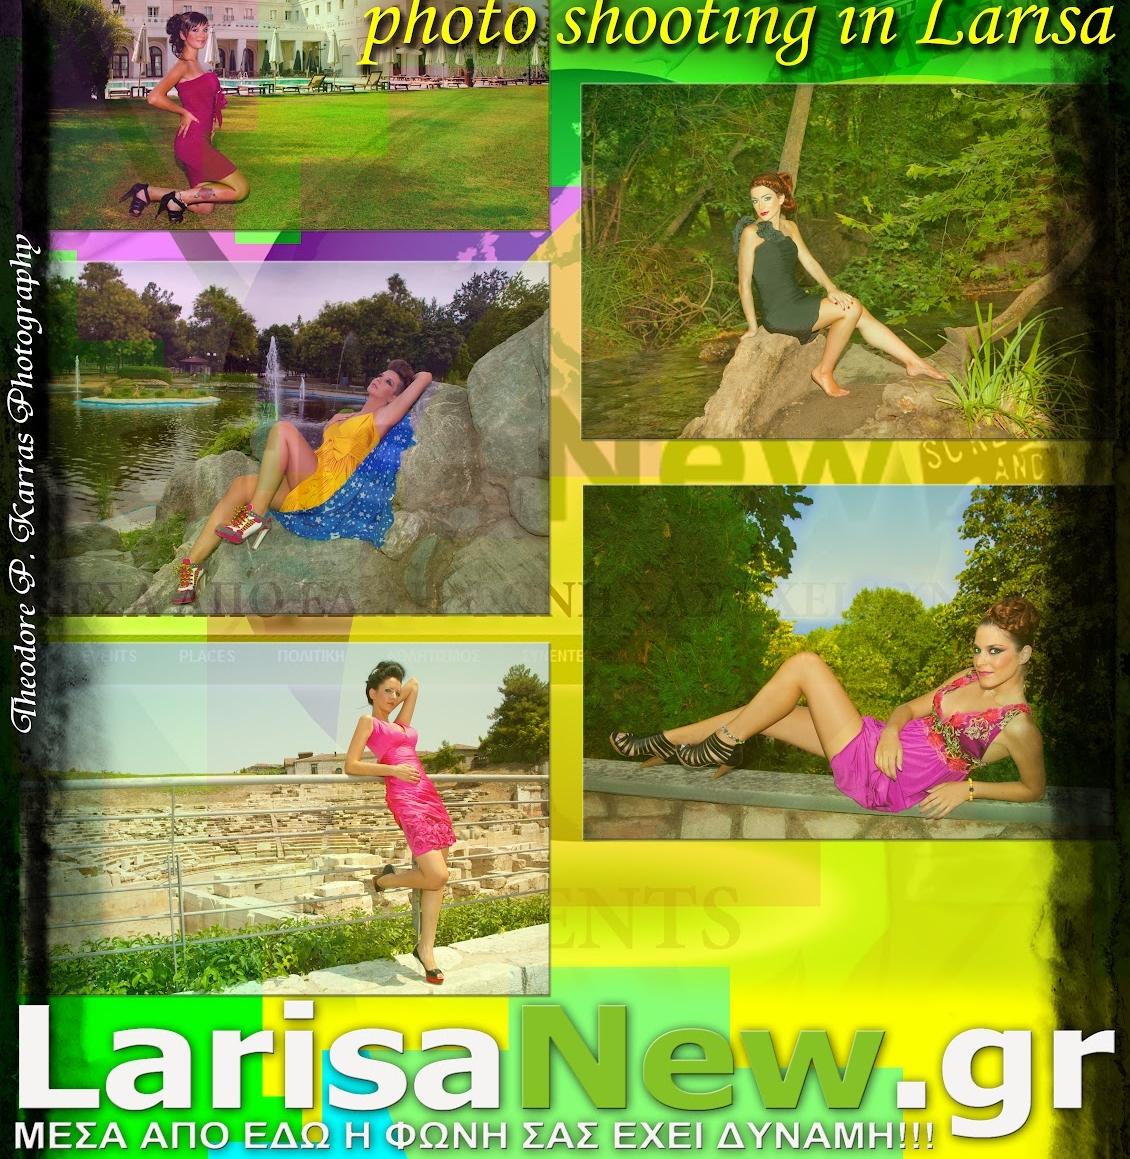 Τι υπερτερεί στη Λαρισαία; Ο εσωτερικός ή ο εξωτερικός καλλωπισμός; Πνευματική καλλιέργεια ή το «μοντέλο» Λαρισαία;